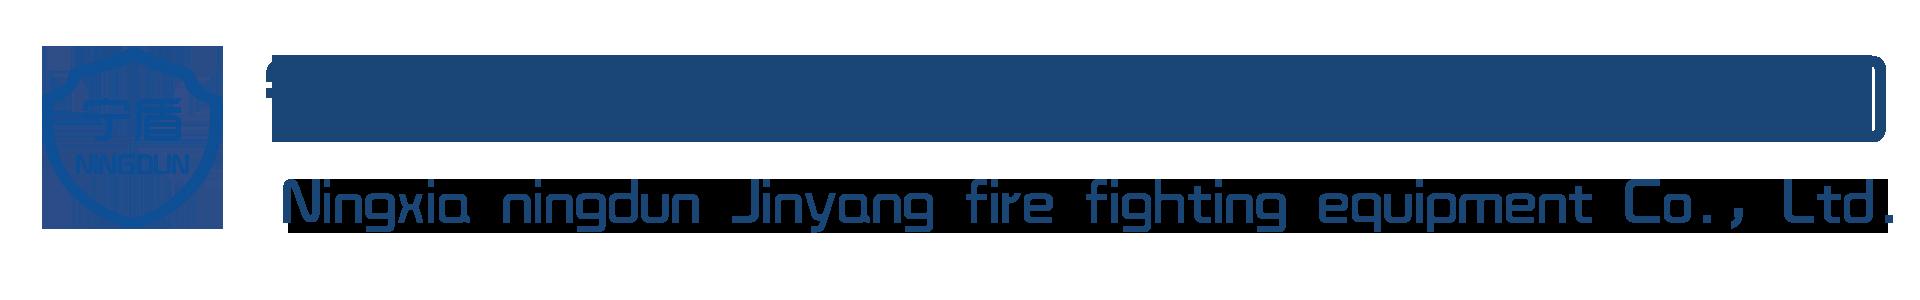 寧夏寧盾金陽光消防器材有限公司